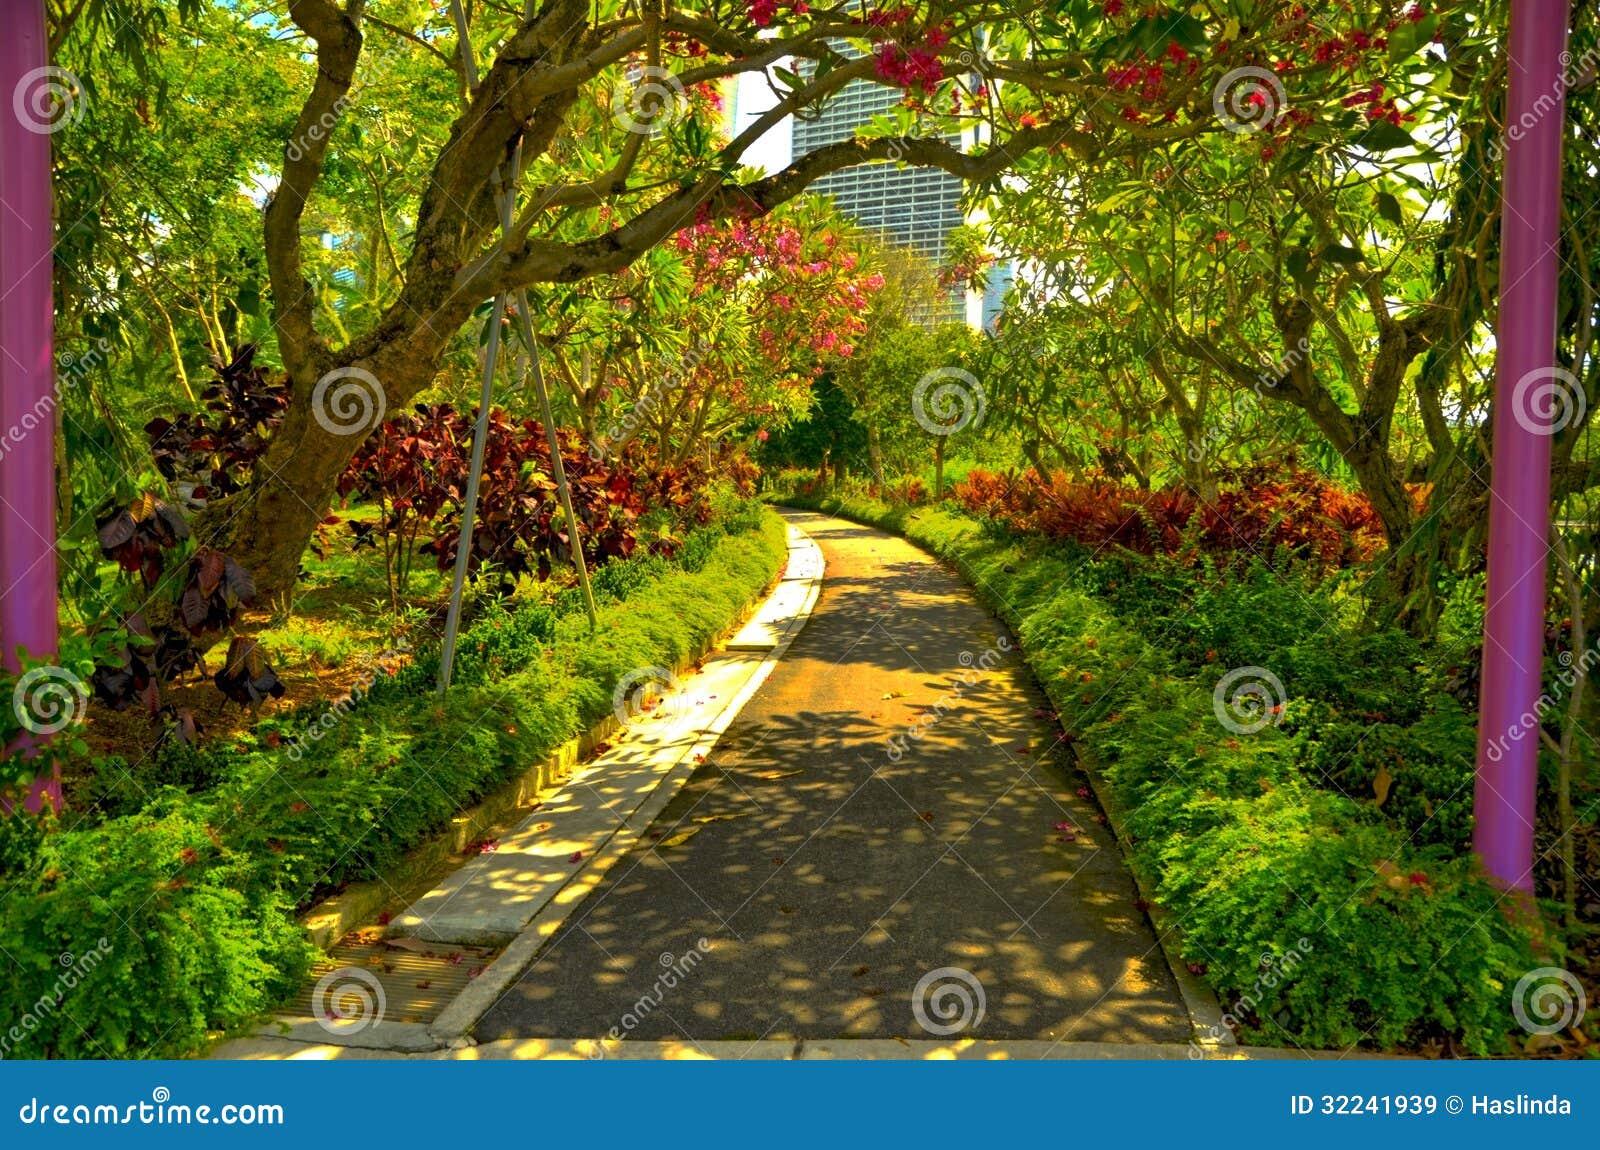 Tropical Garden Serenity